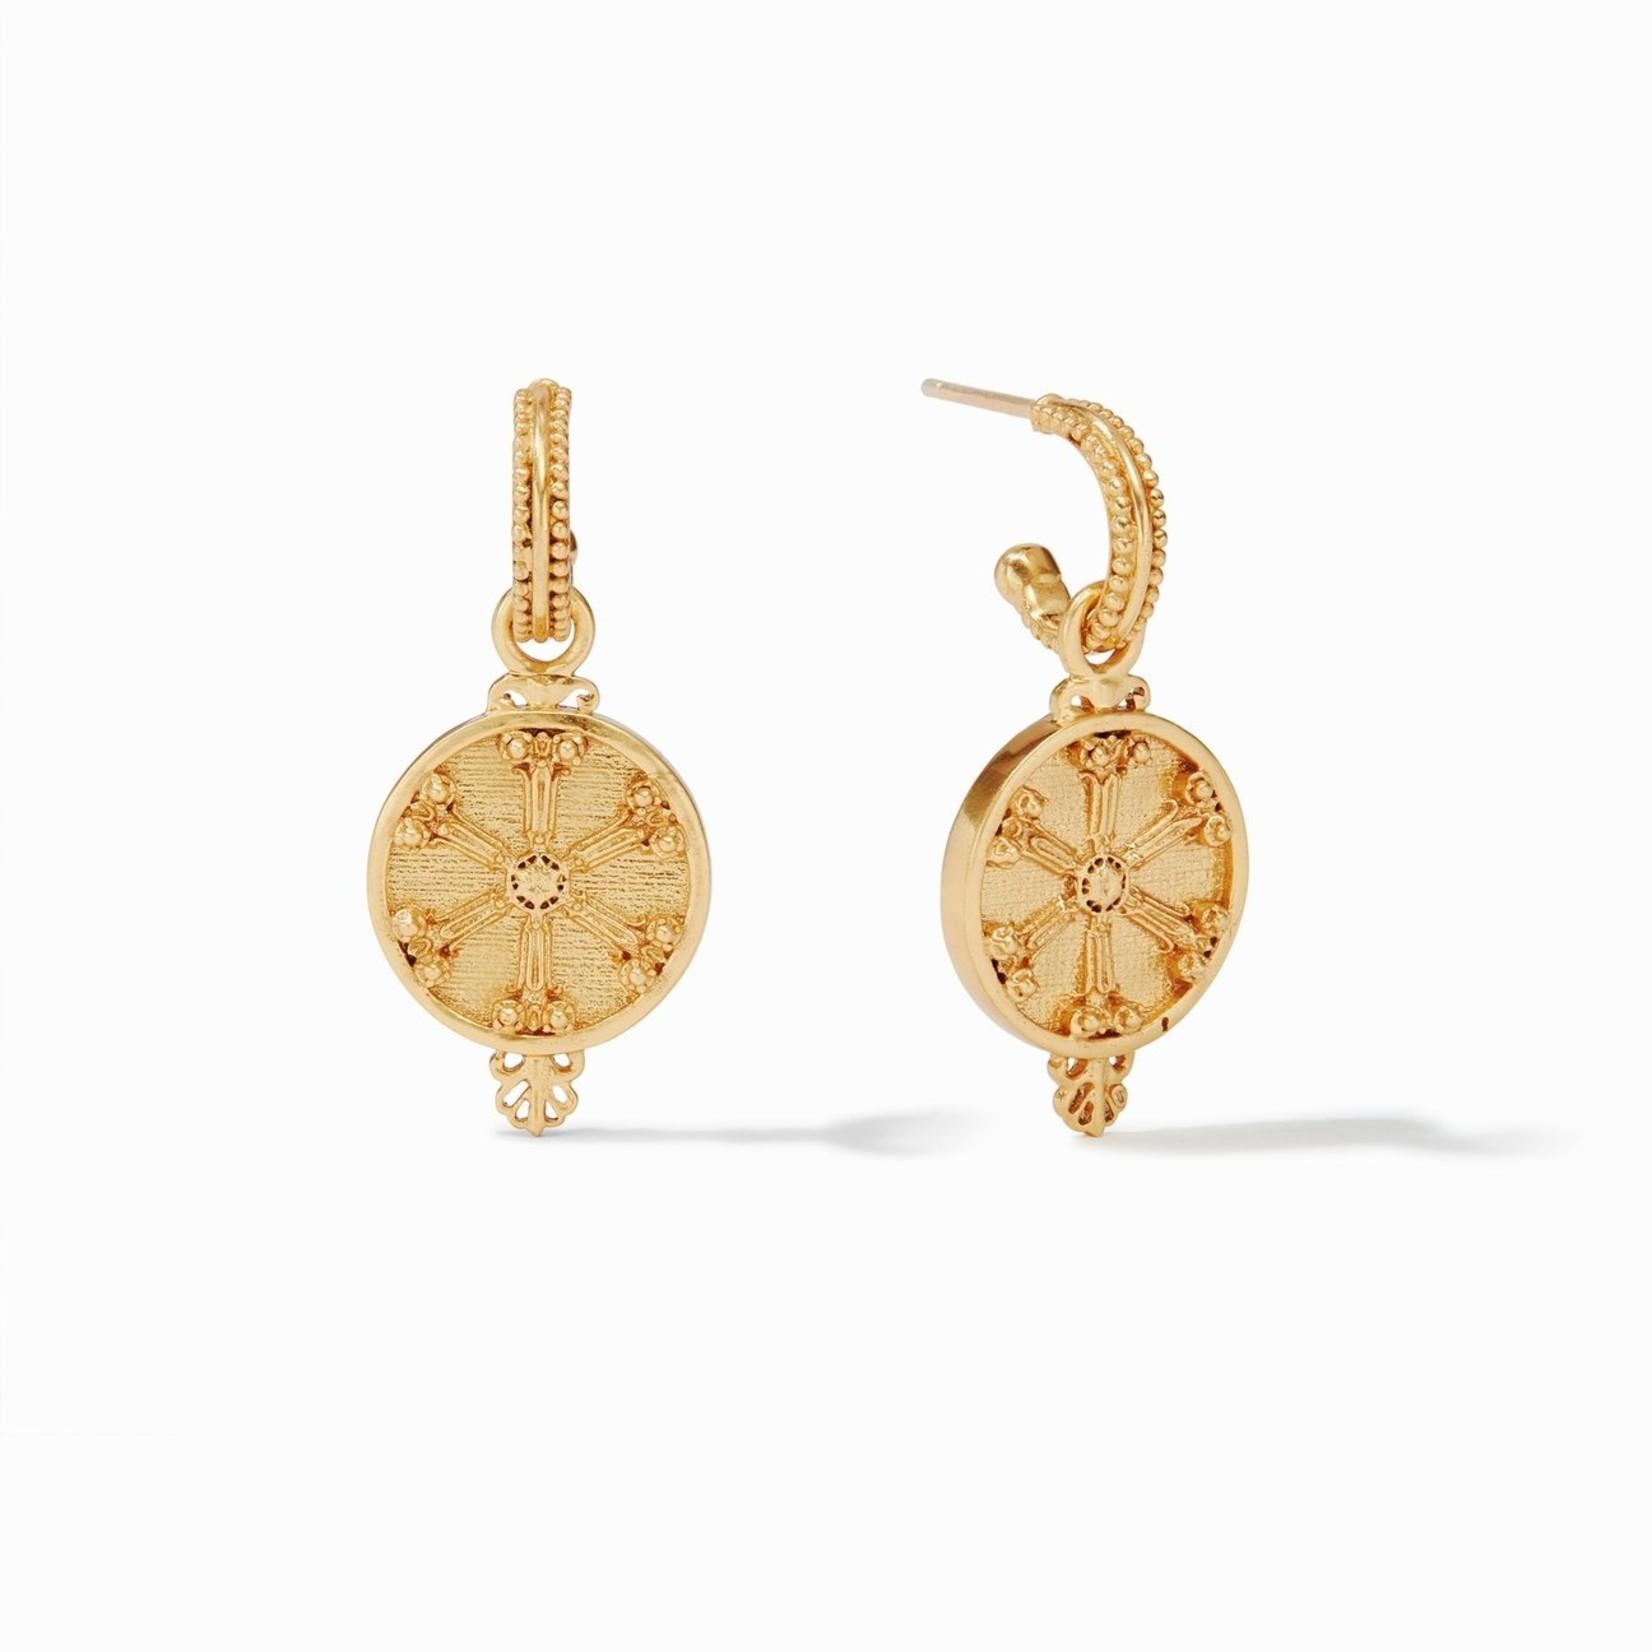 Julie Vos Meridian (Compass) Hoop & Charm Earring